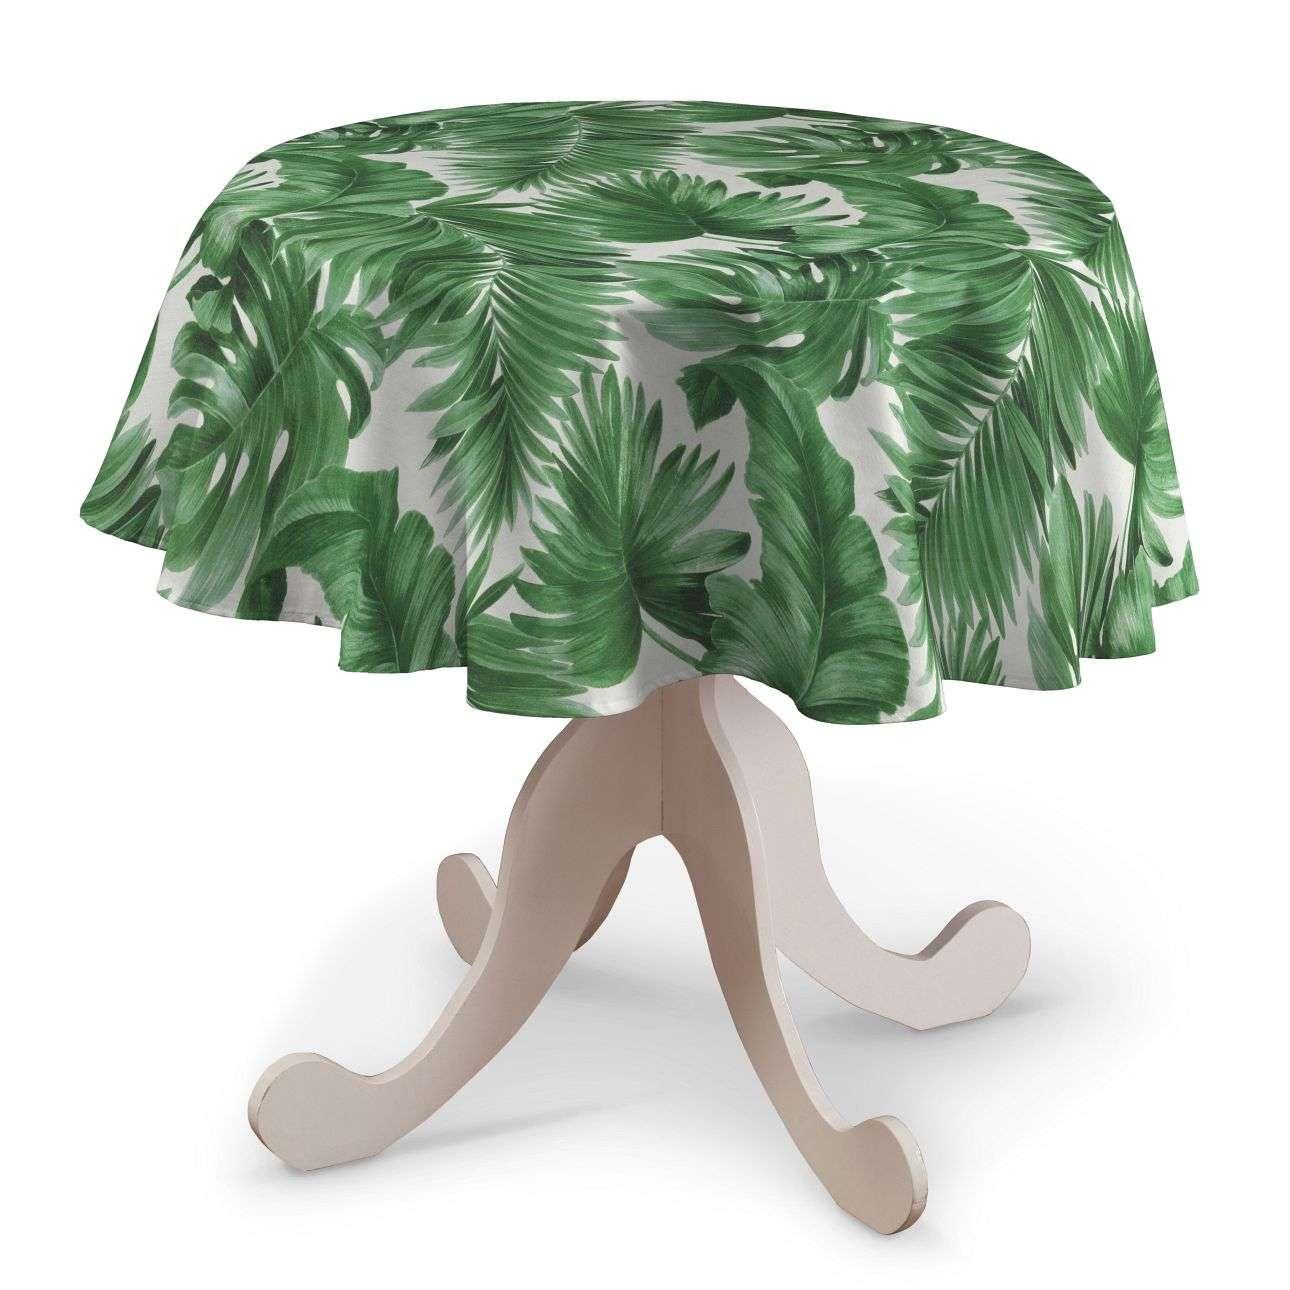 Runde Tischdecke, grün-weiß, Ø 135 cm, Urban Jungle   Heimtextilien > Tischdecken und Co   Dekoria